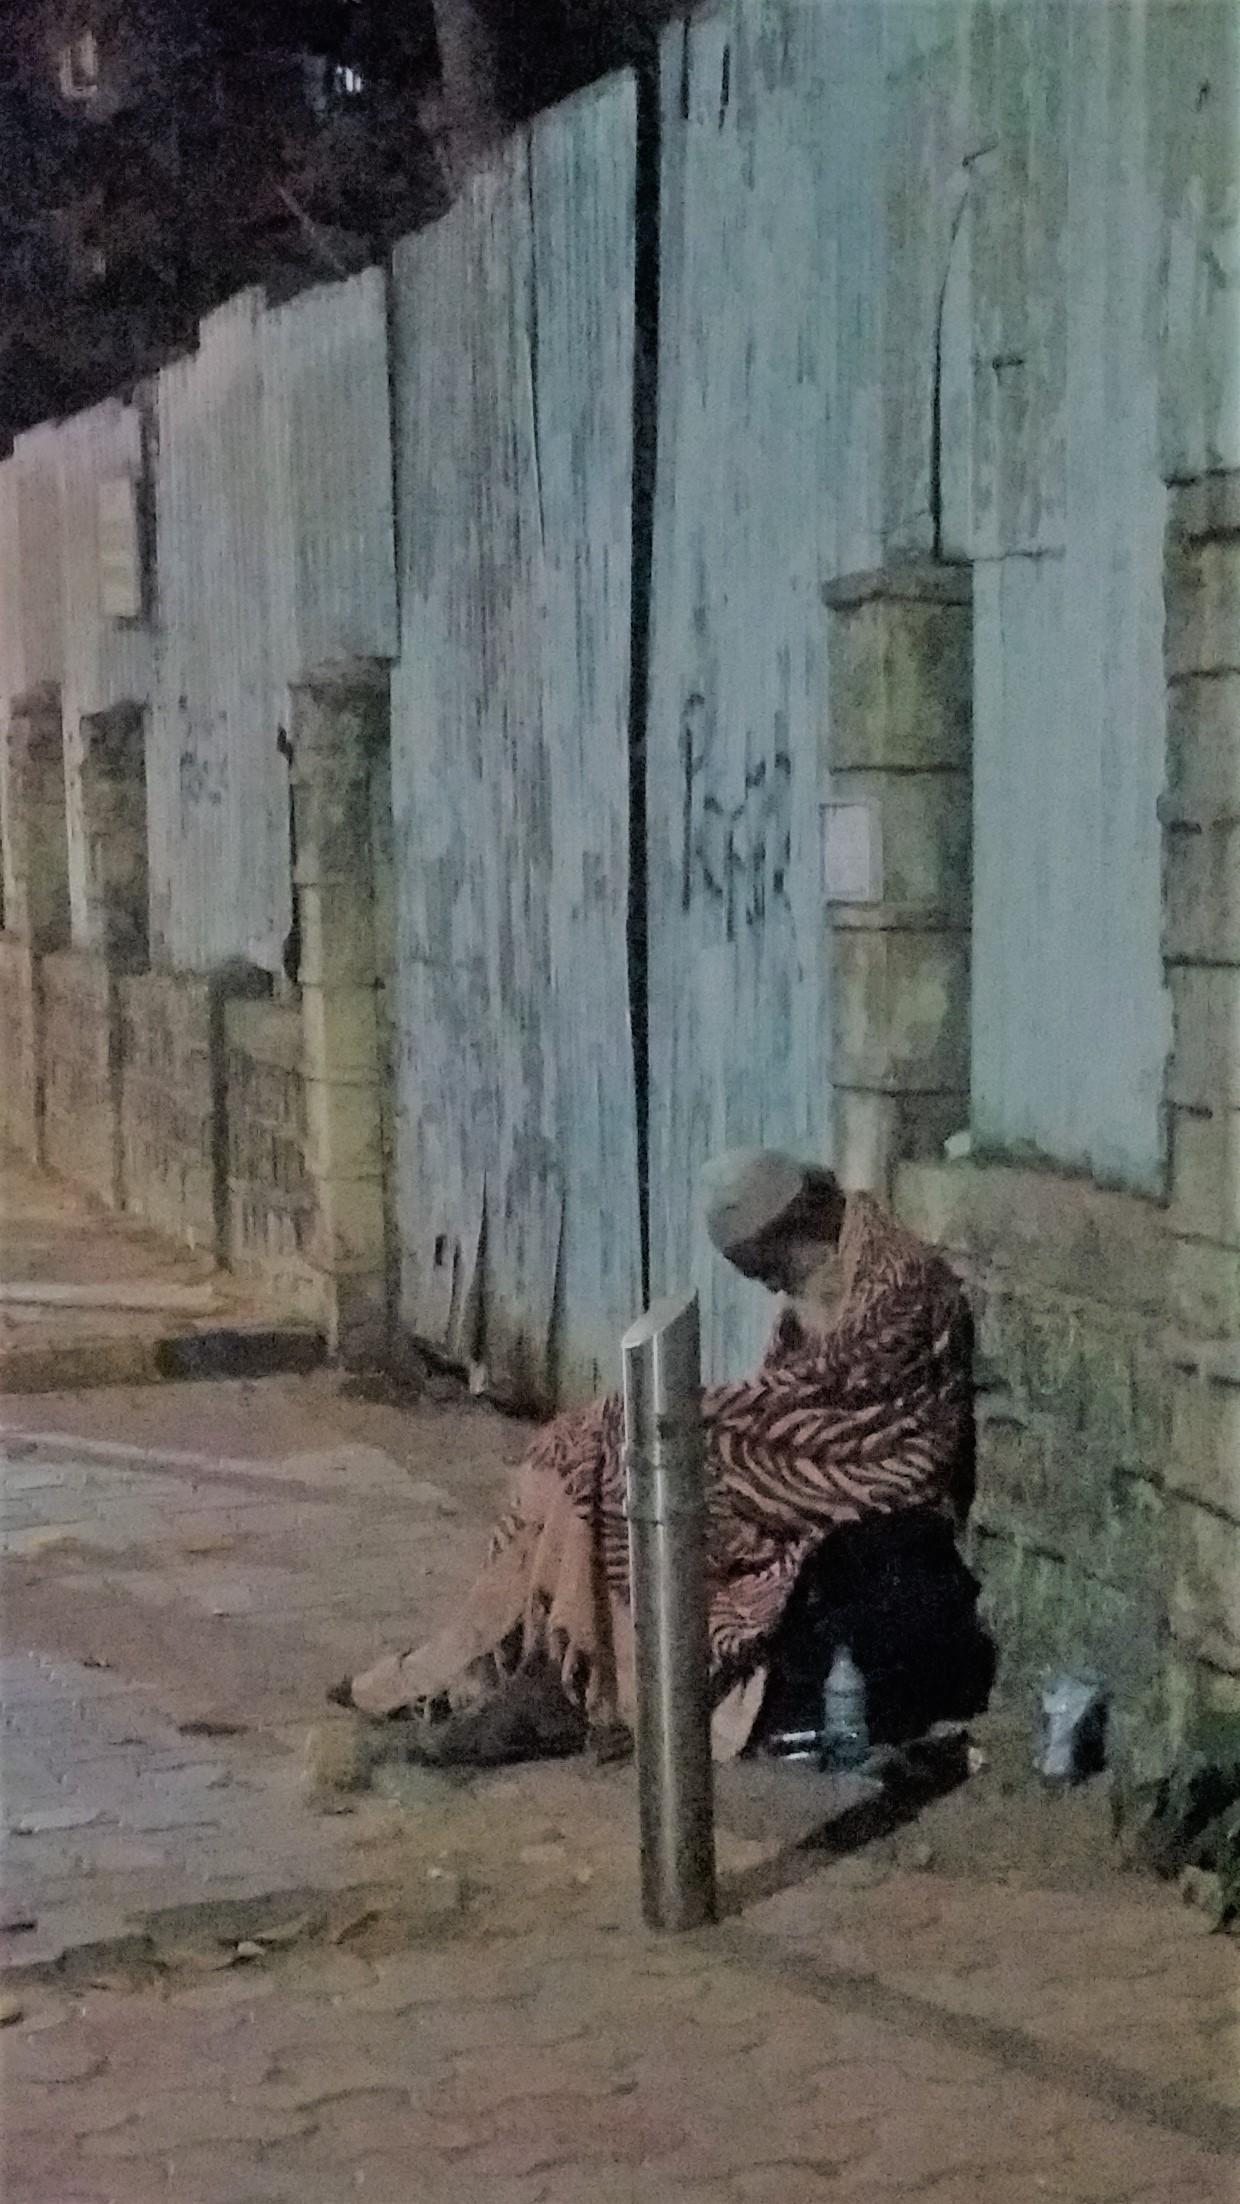 Random bilde av ensom og fattig bestefar